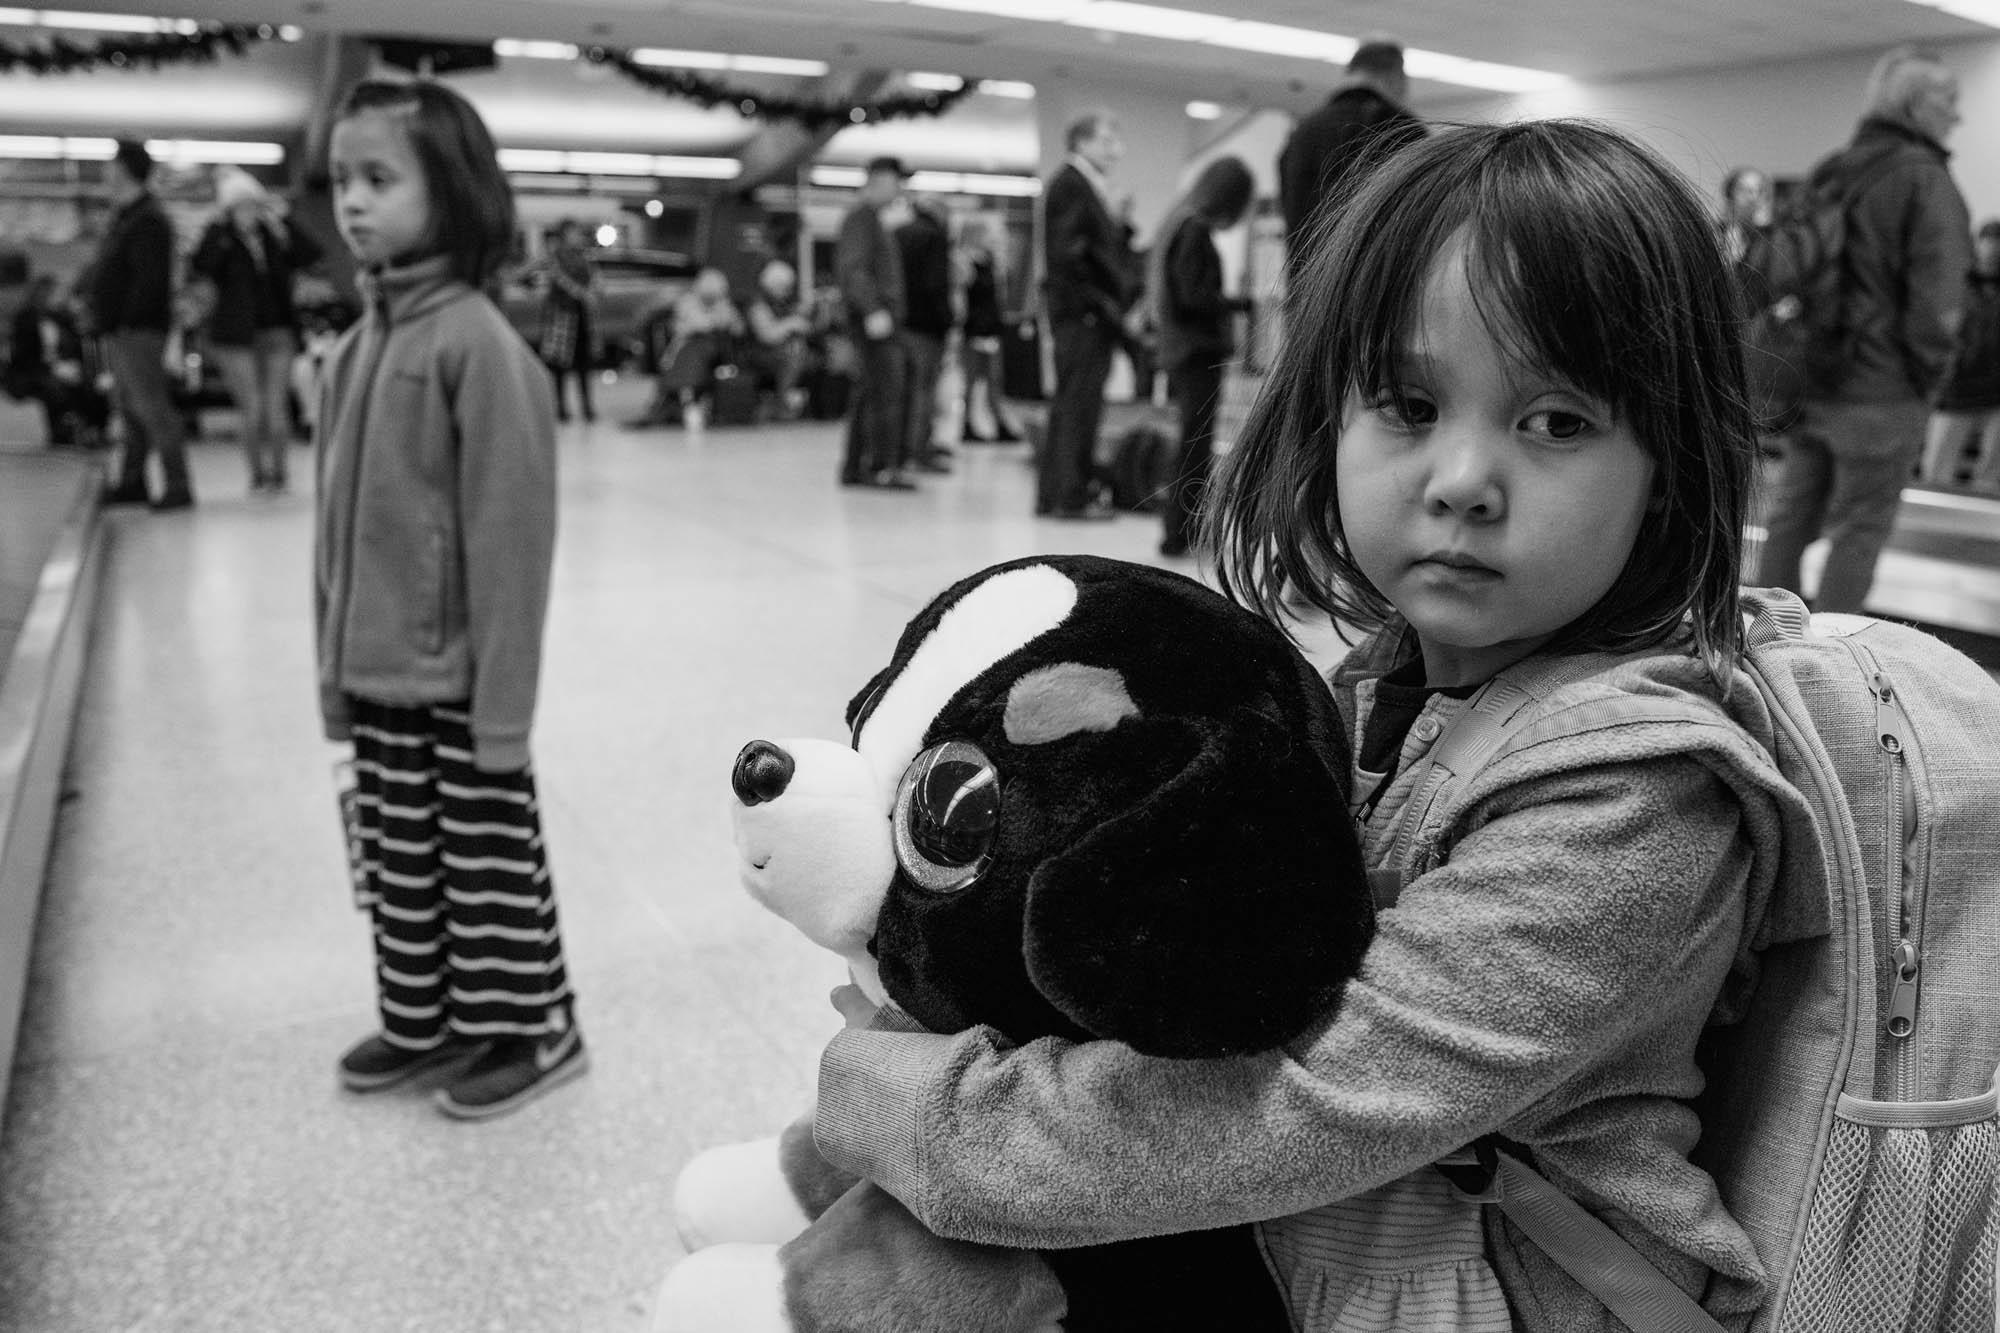 girls waiting at airport